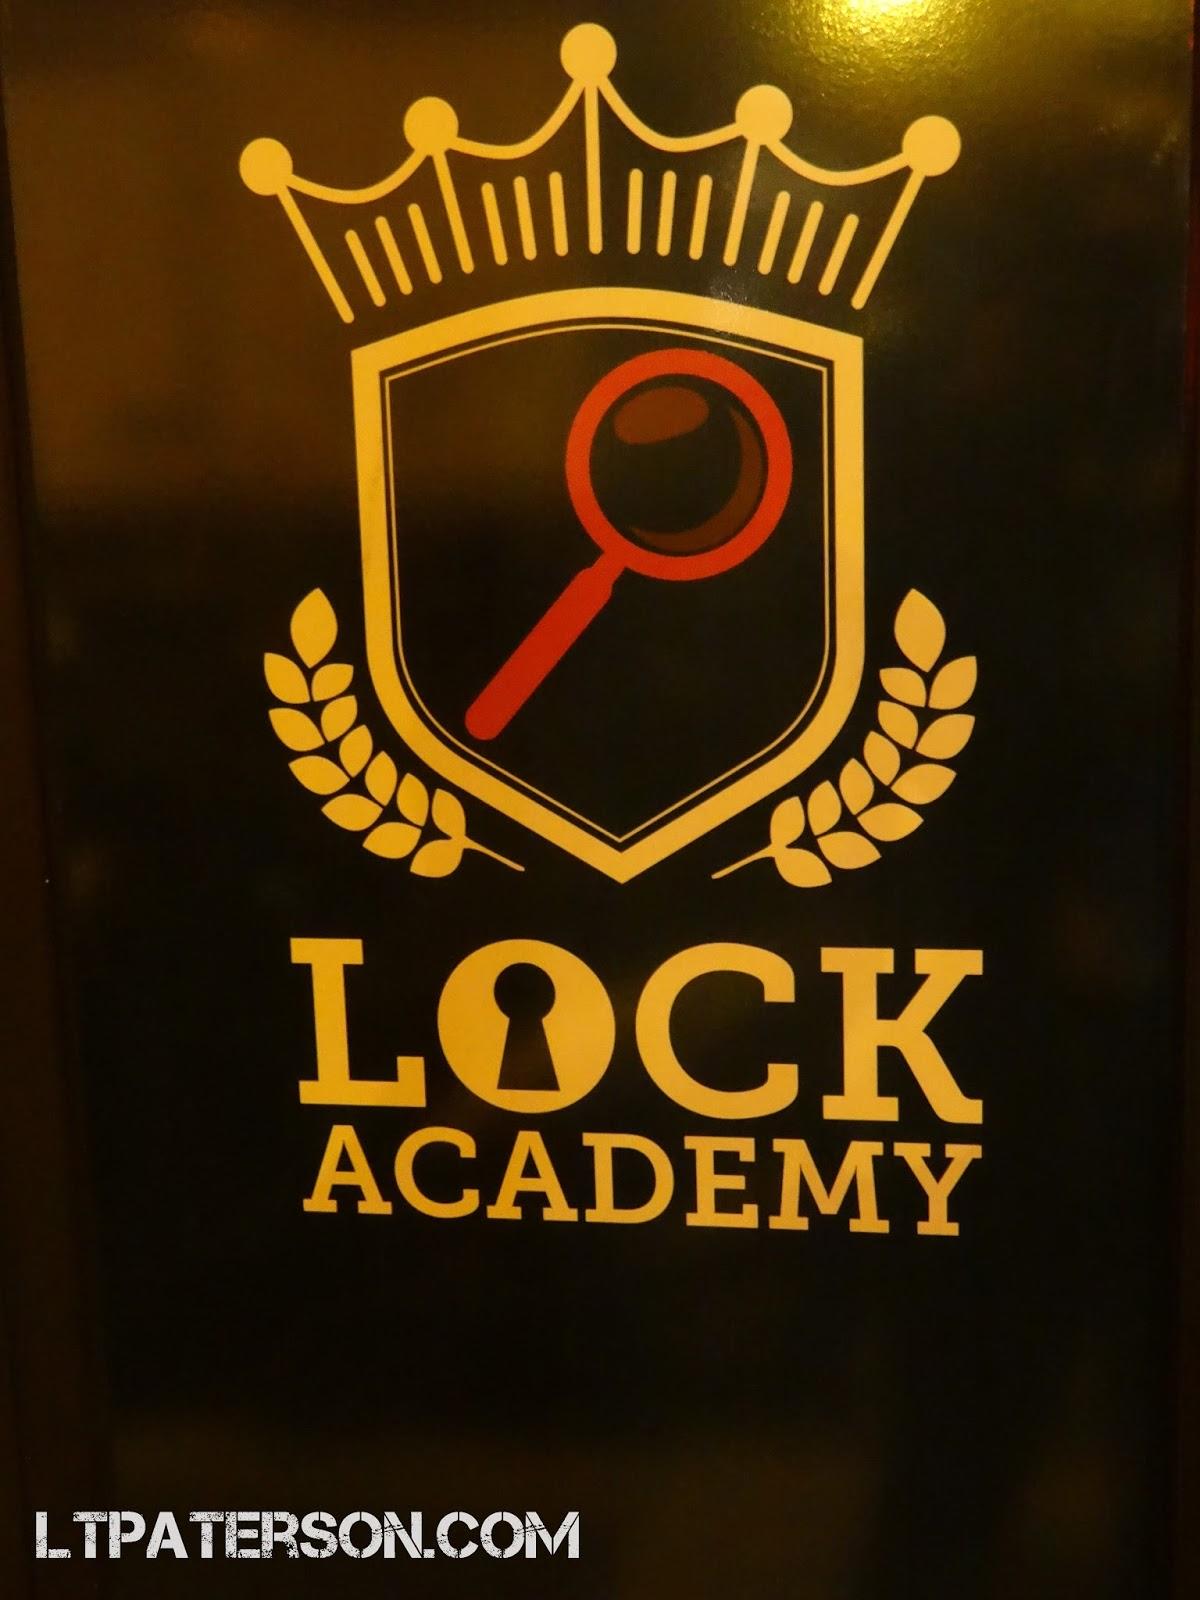 avis sur l 39 escape game lock academy blog jeux video pc high tech cinema. Black Bedroom Furniture Sets. Home Design Ideas